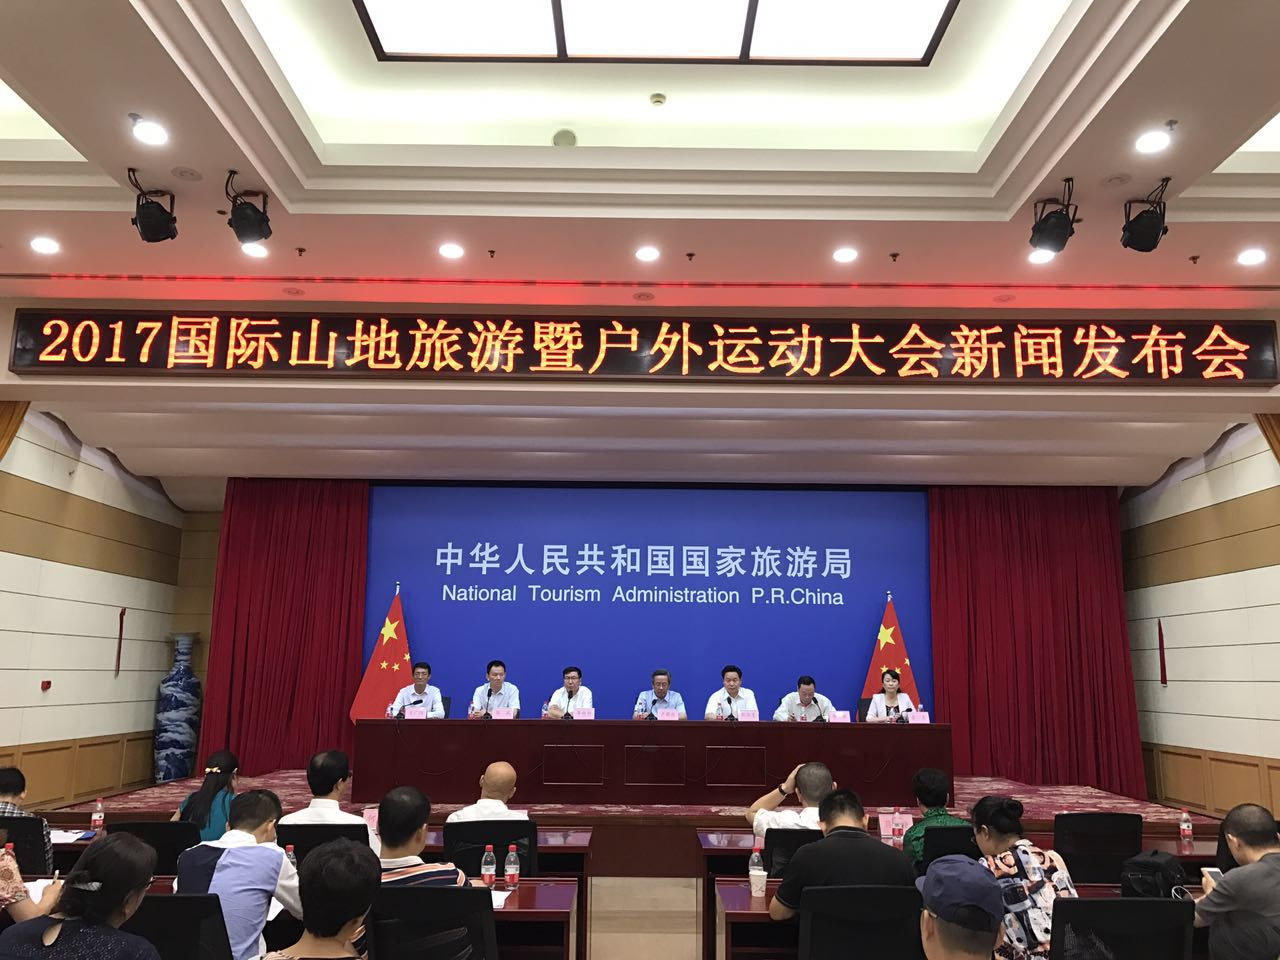 贵州:举办2017国际山地旅游暨户外运动大会